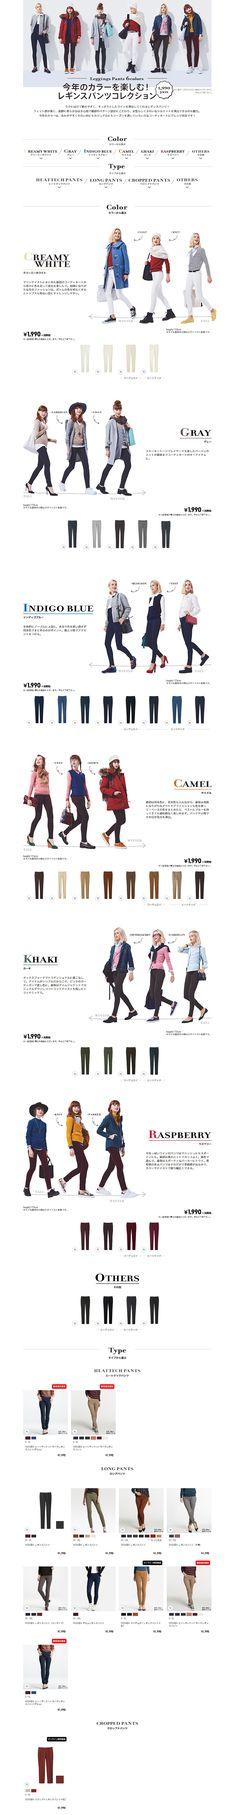 今年のカラーを楽しむ!レギンスパンツコレクション【ファッション関連】のLPデザイン。WEBデザイナーさん必見!ランディングページのデザイン参考に(シンプル系)